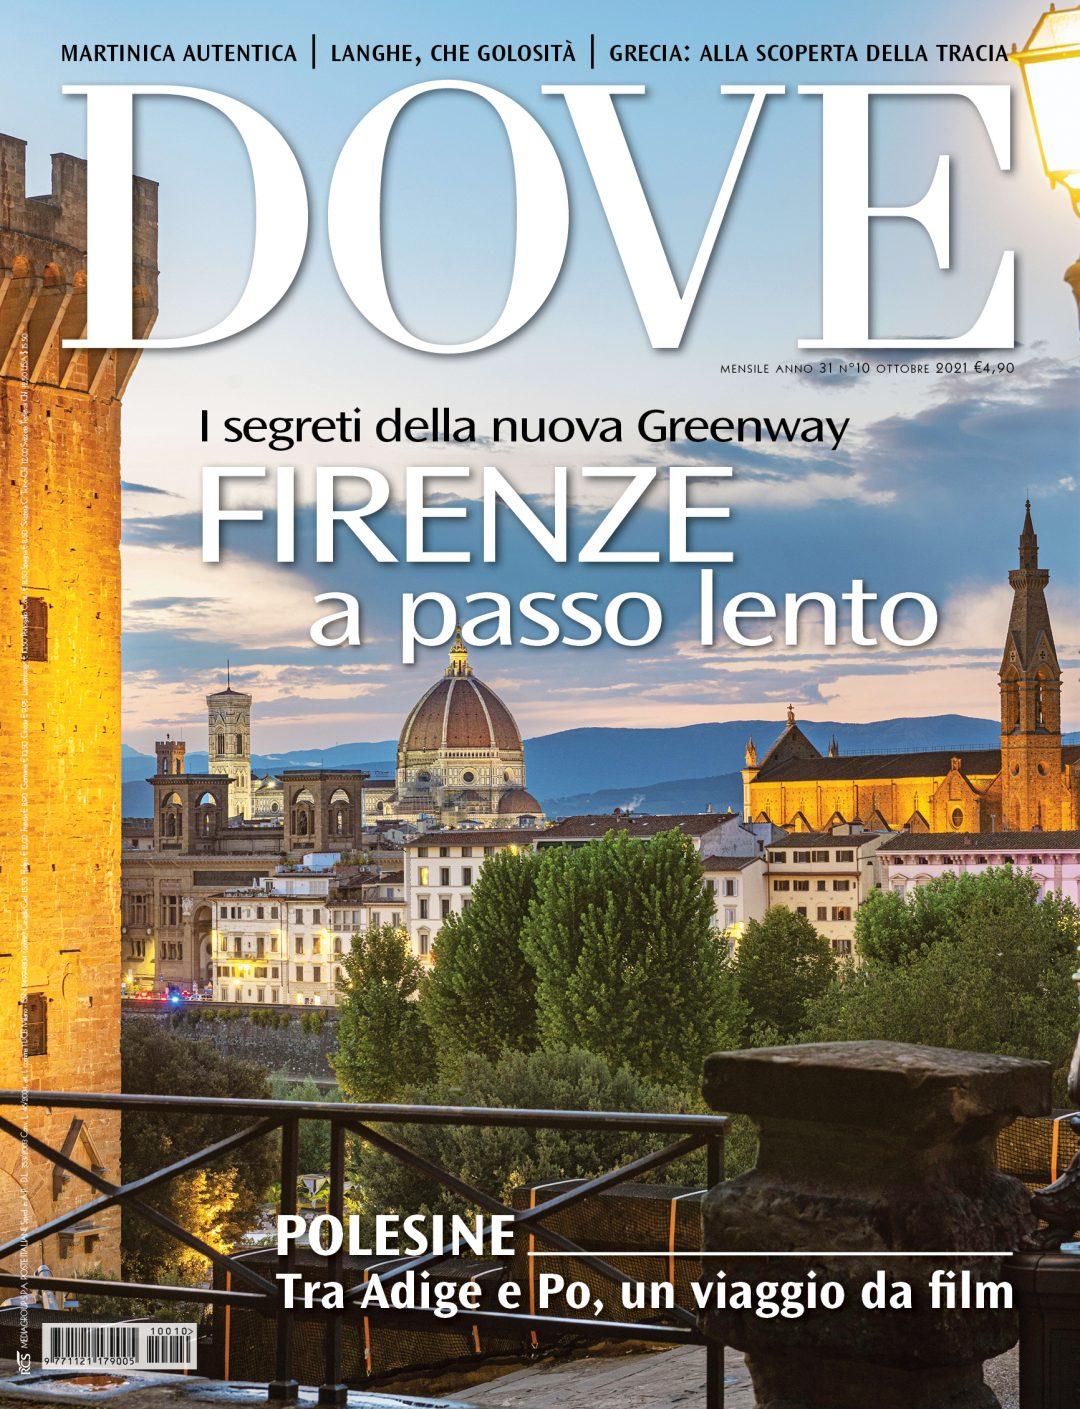 In copertina di Dove di ottobre, Firenze: la cupola di Santa Maria del Fiore e, sulla destra, la basilica di Santa Croce. Foto di Guido Cozzi/Dove